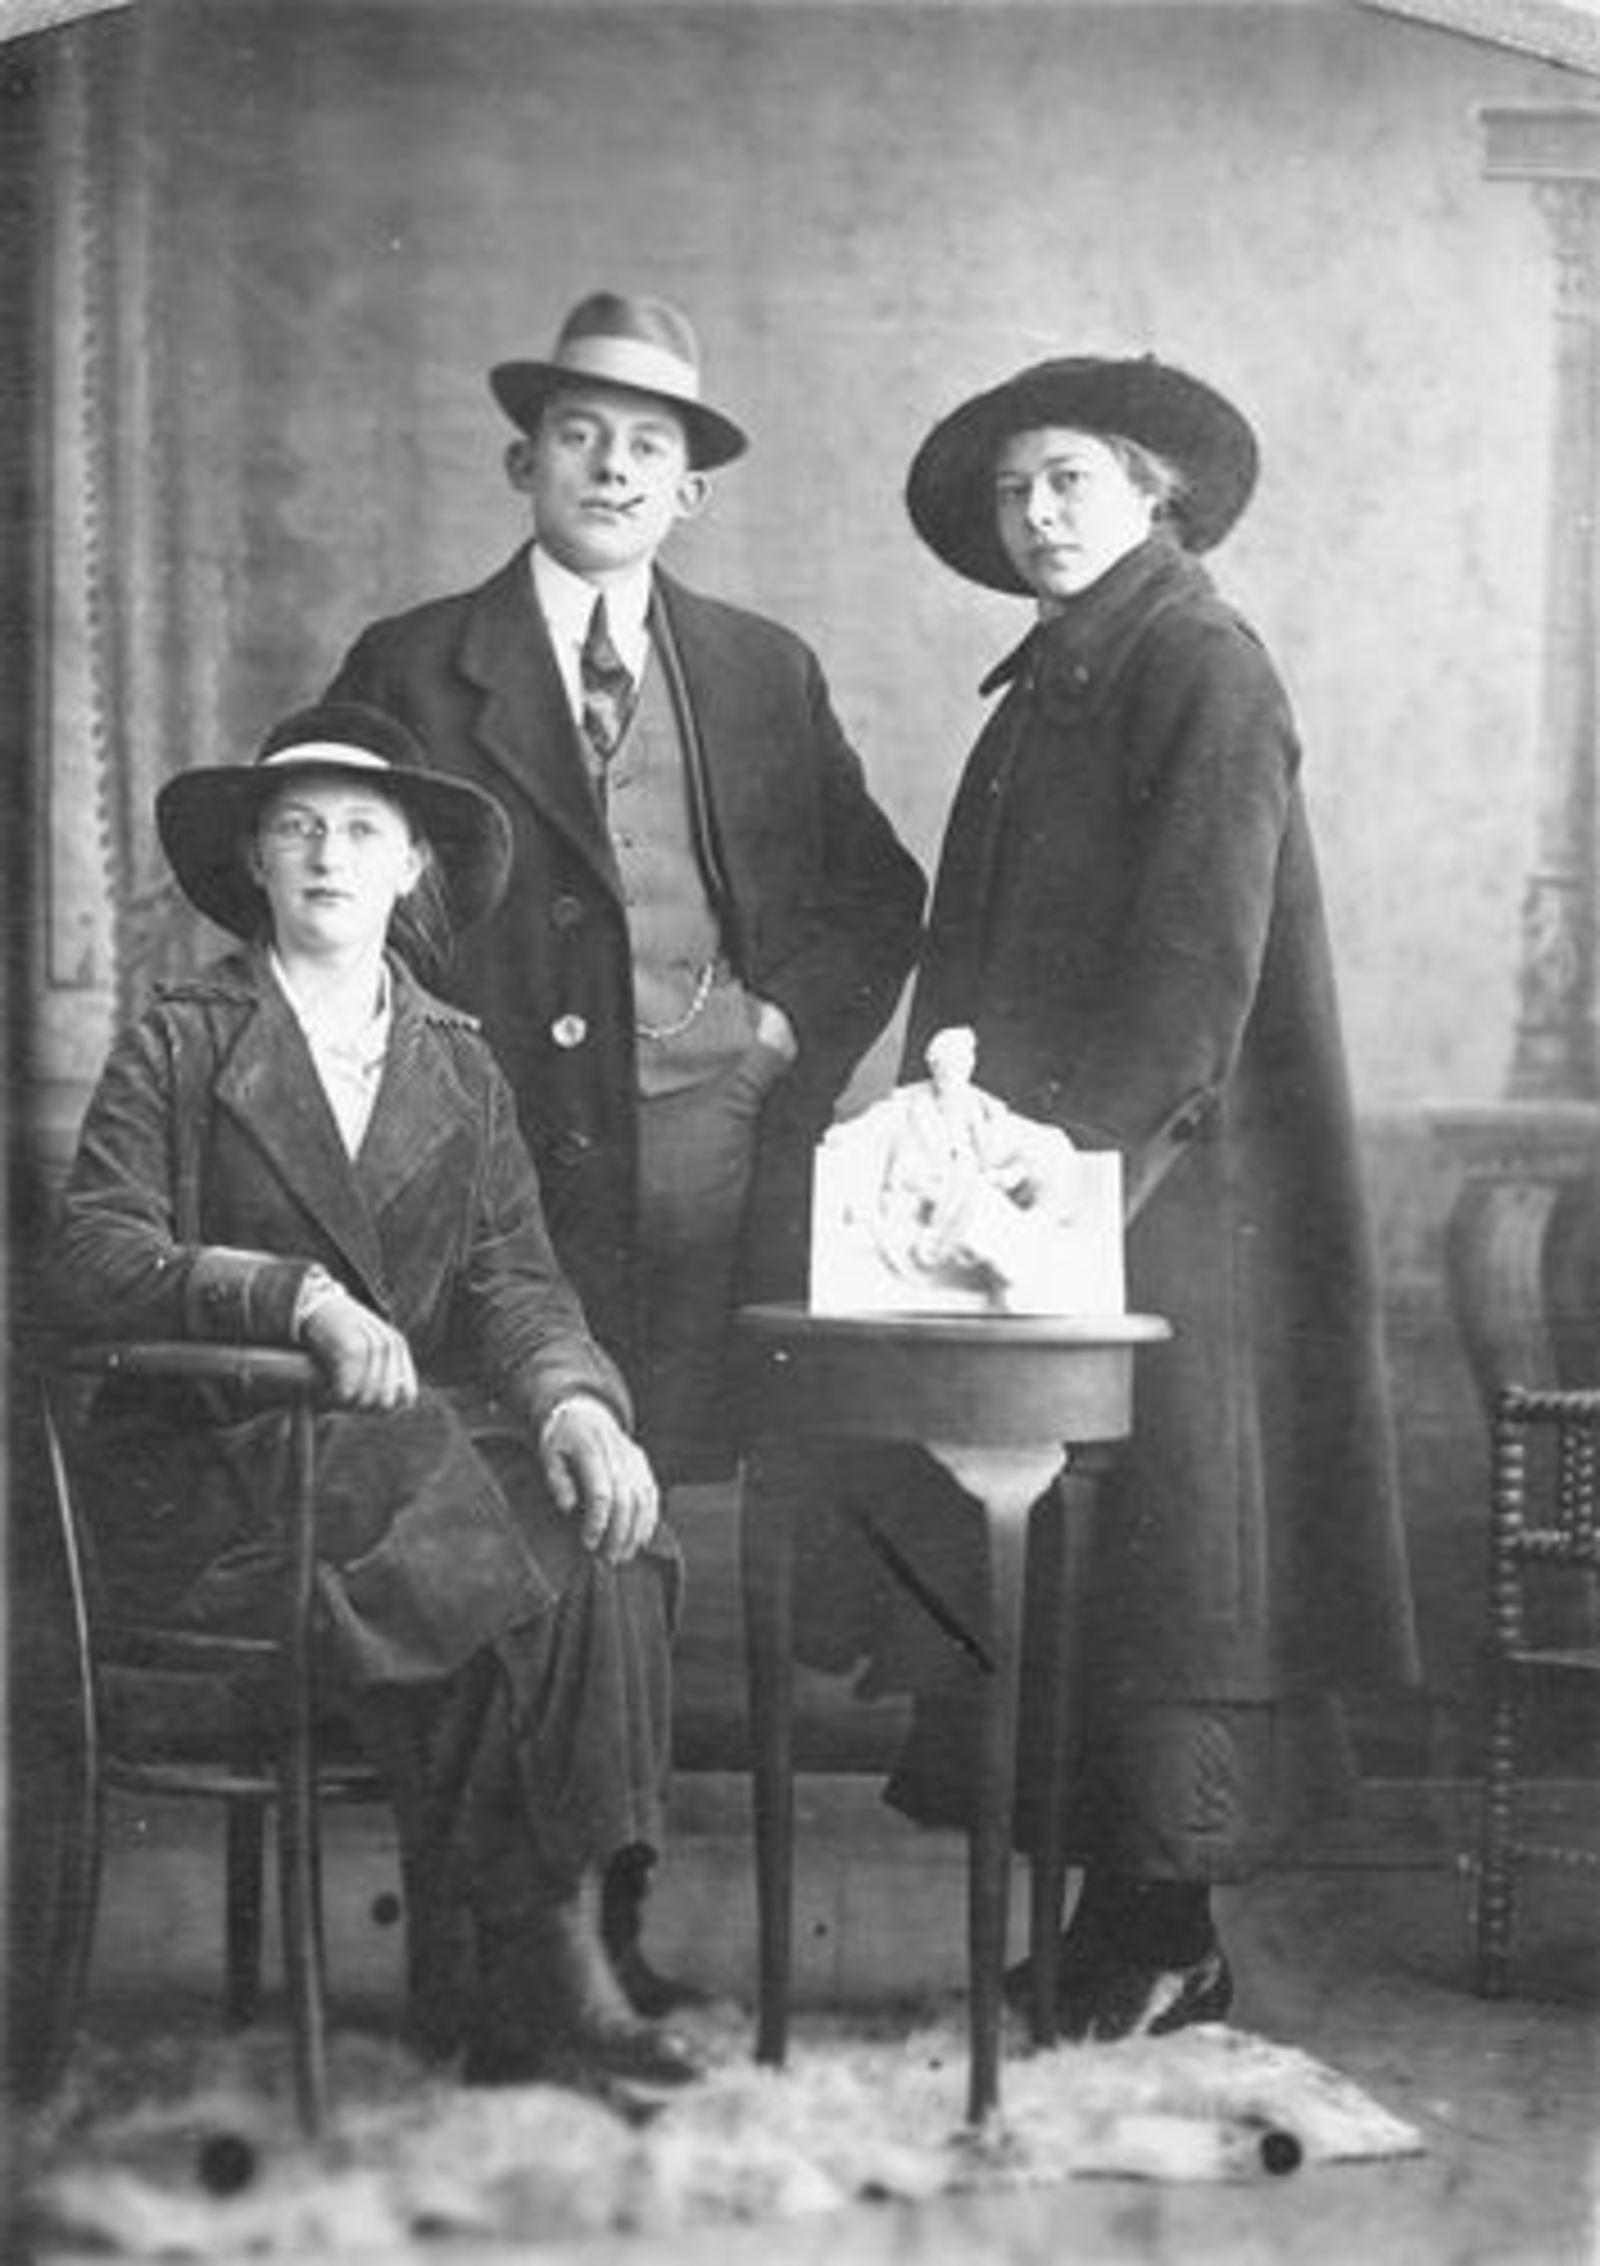 Biesheuvel Huibert Pzn 1897 19__ met nichten Jansen en v Zanten